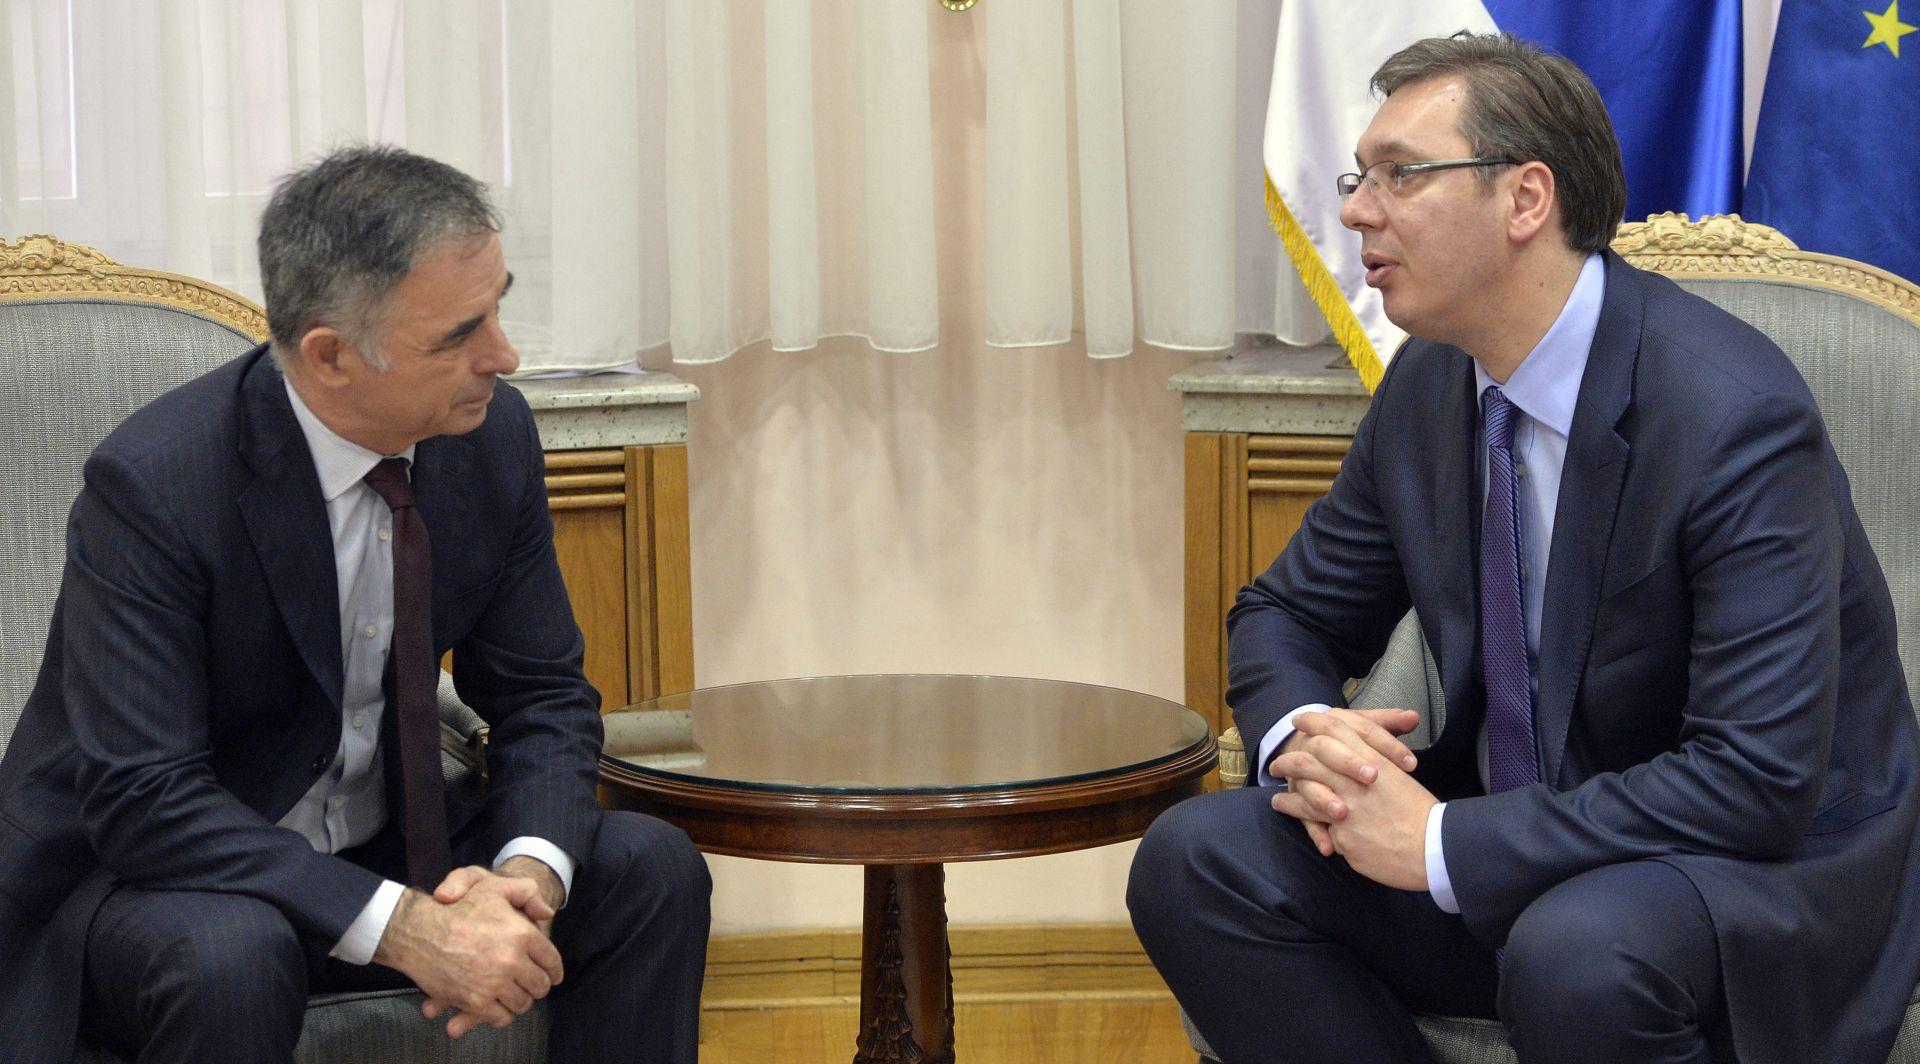 Vučić u razgovoru s Pupovcem poručio da želi blisko surađivati s novom hrvatskom vladom